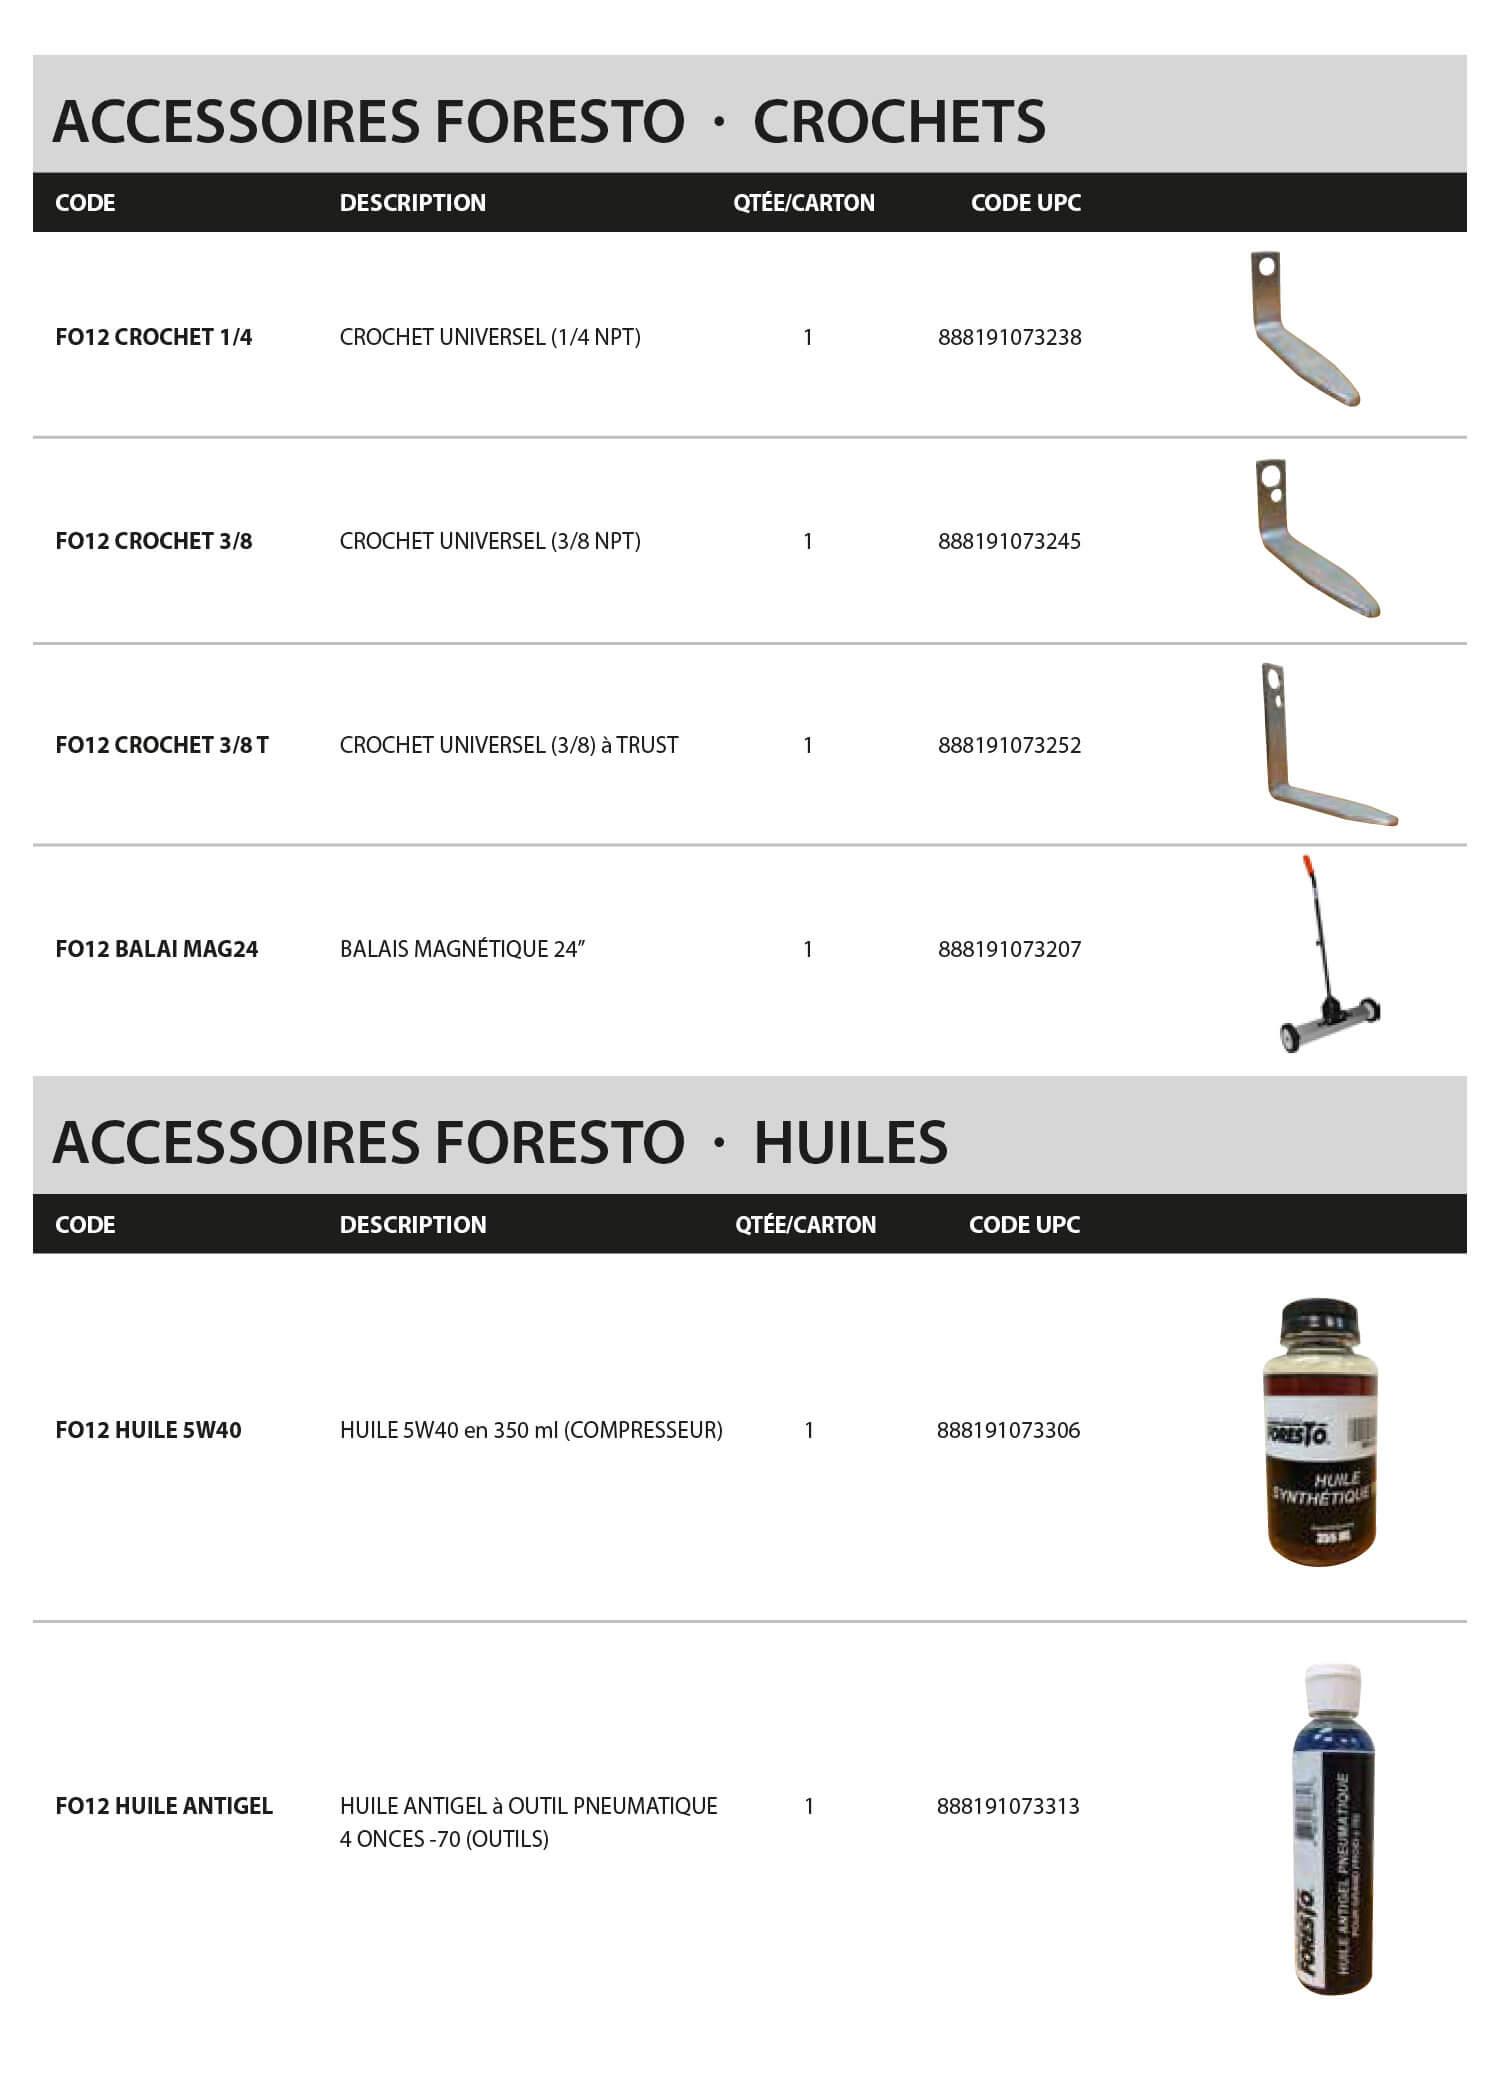 101-accessoire-foresto-2020